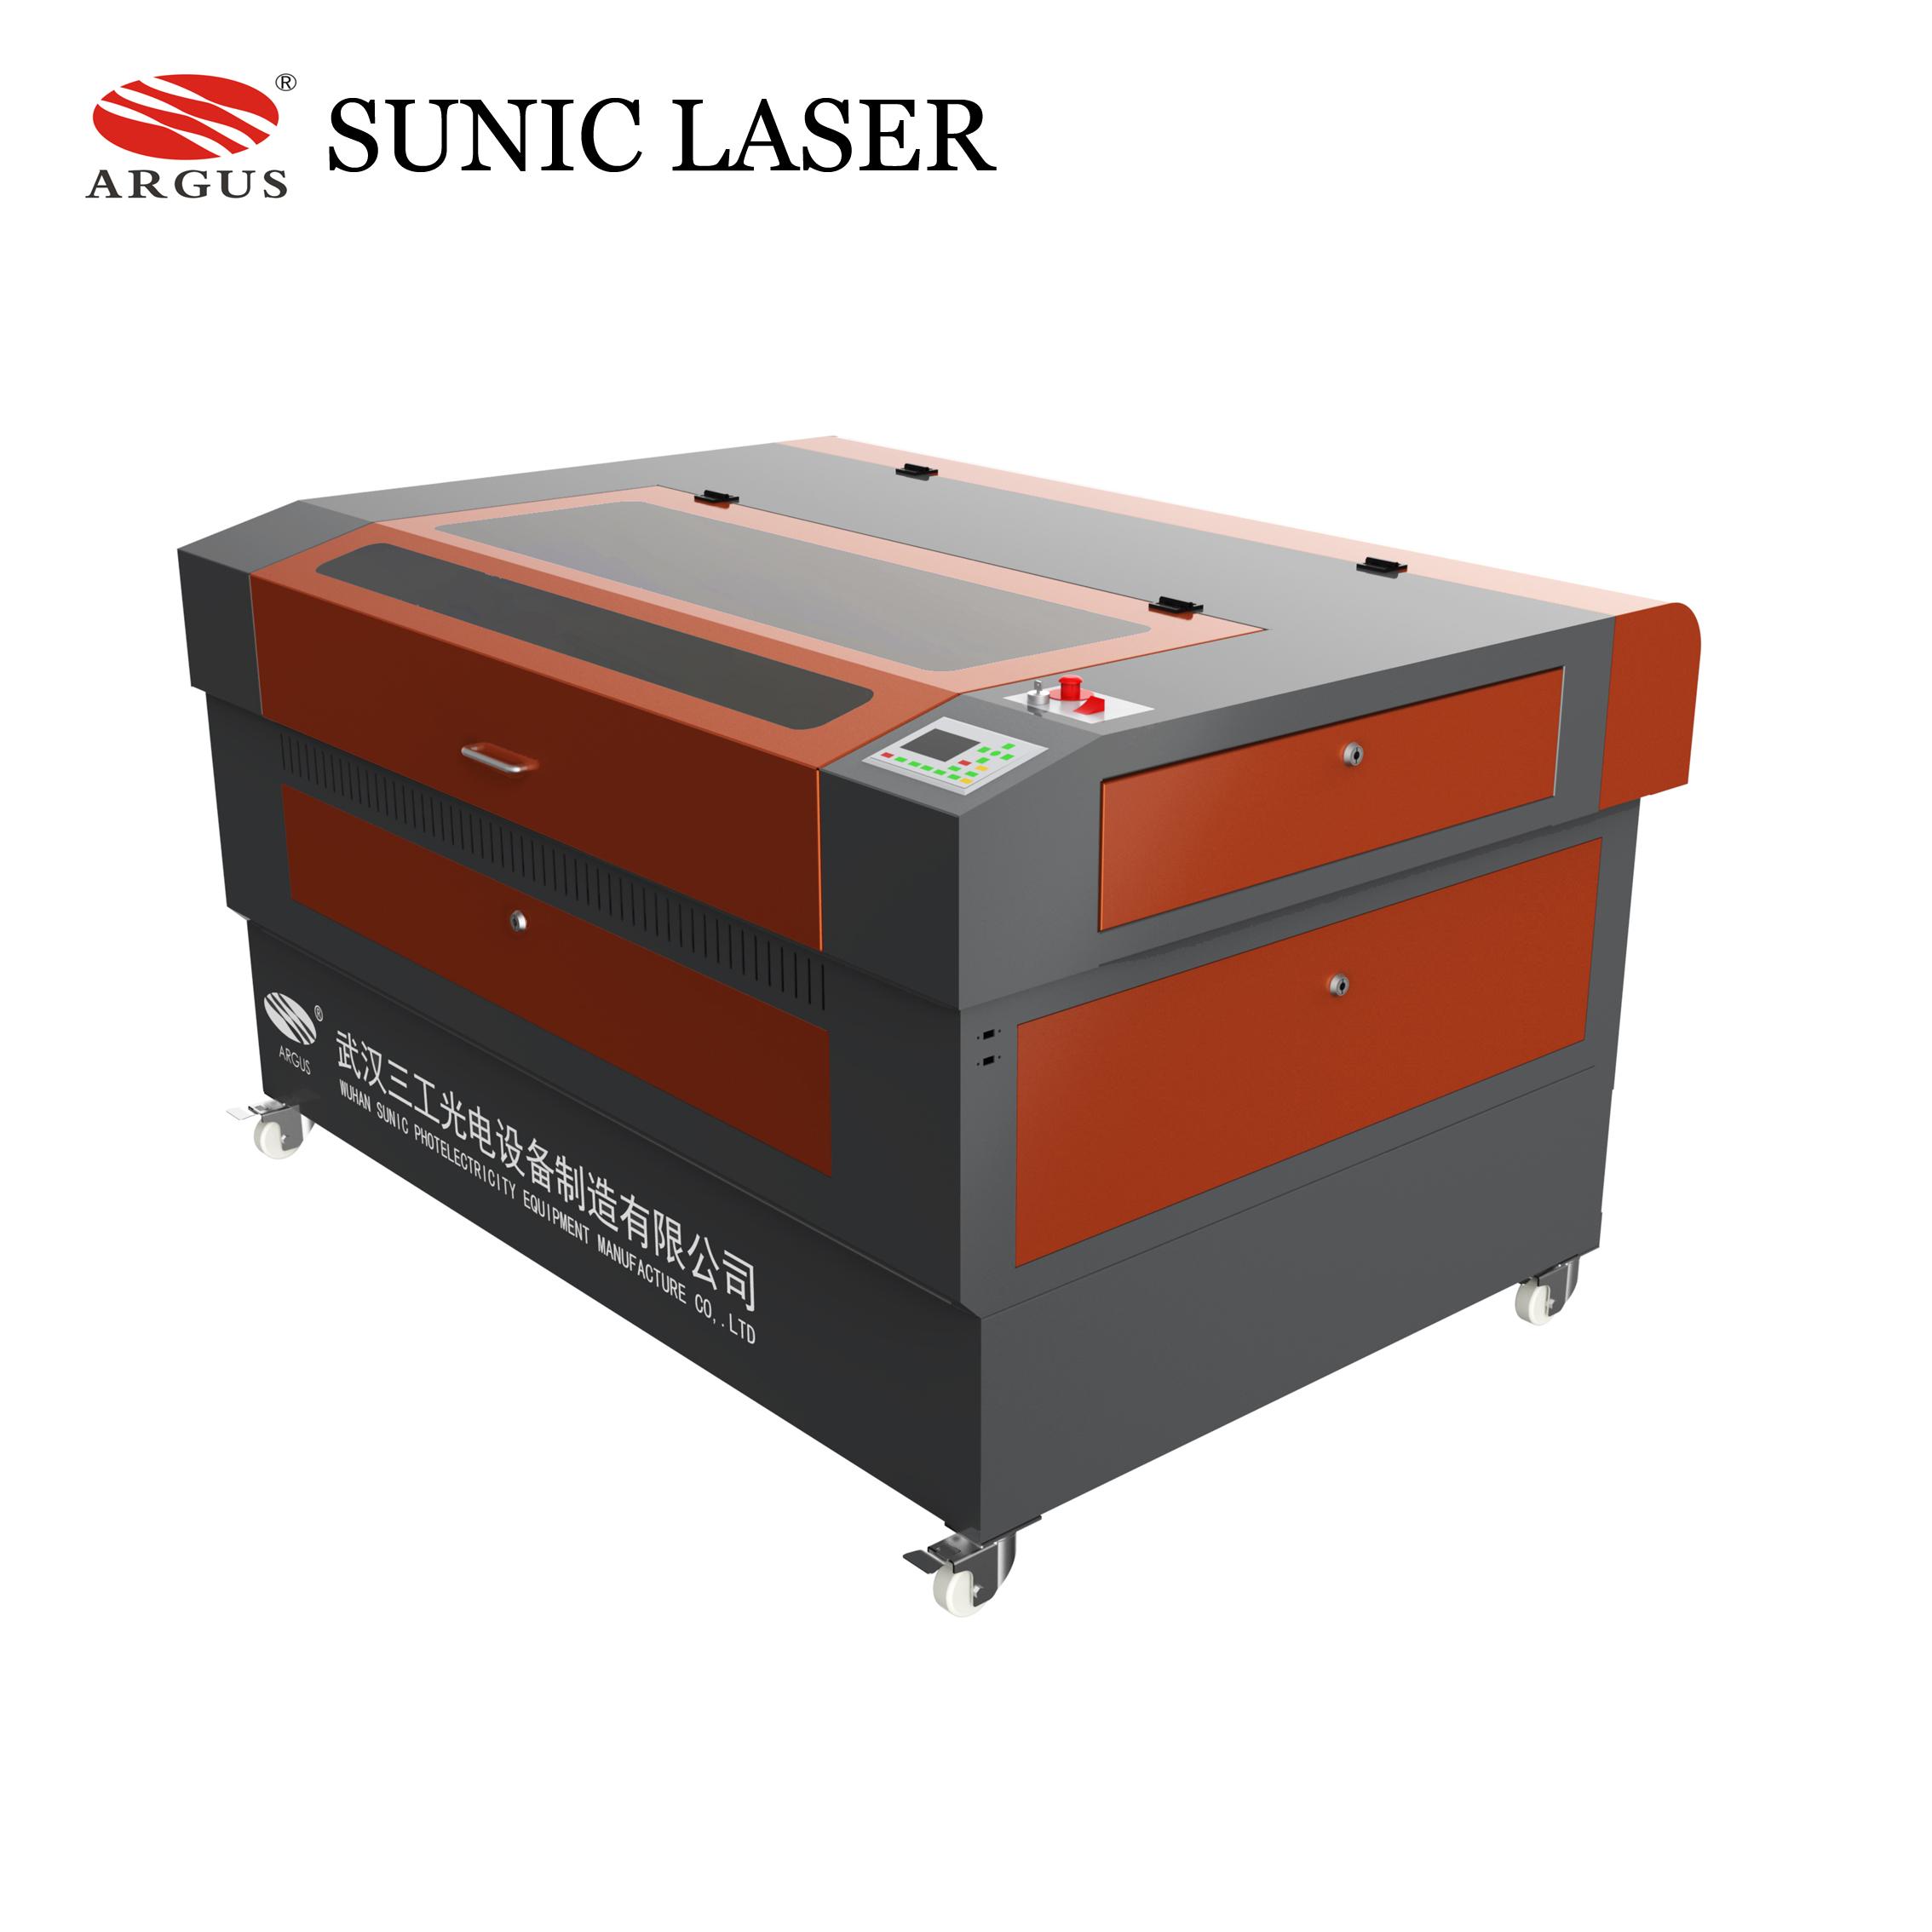 1390 100W 130W 150W 260W 300W CO2 Laser Cutting Engraving Machine Wood MDF Acrylic Laser Engraver Cutter Industry CNC Laser Cut Machines